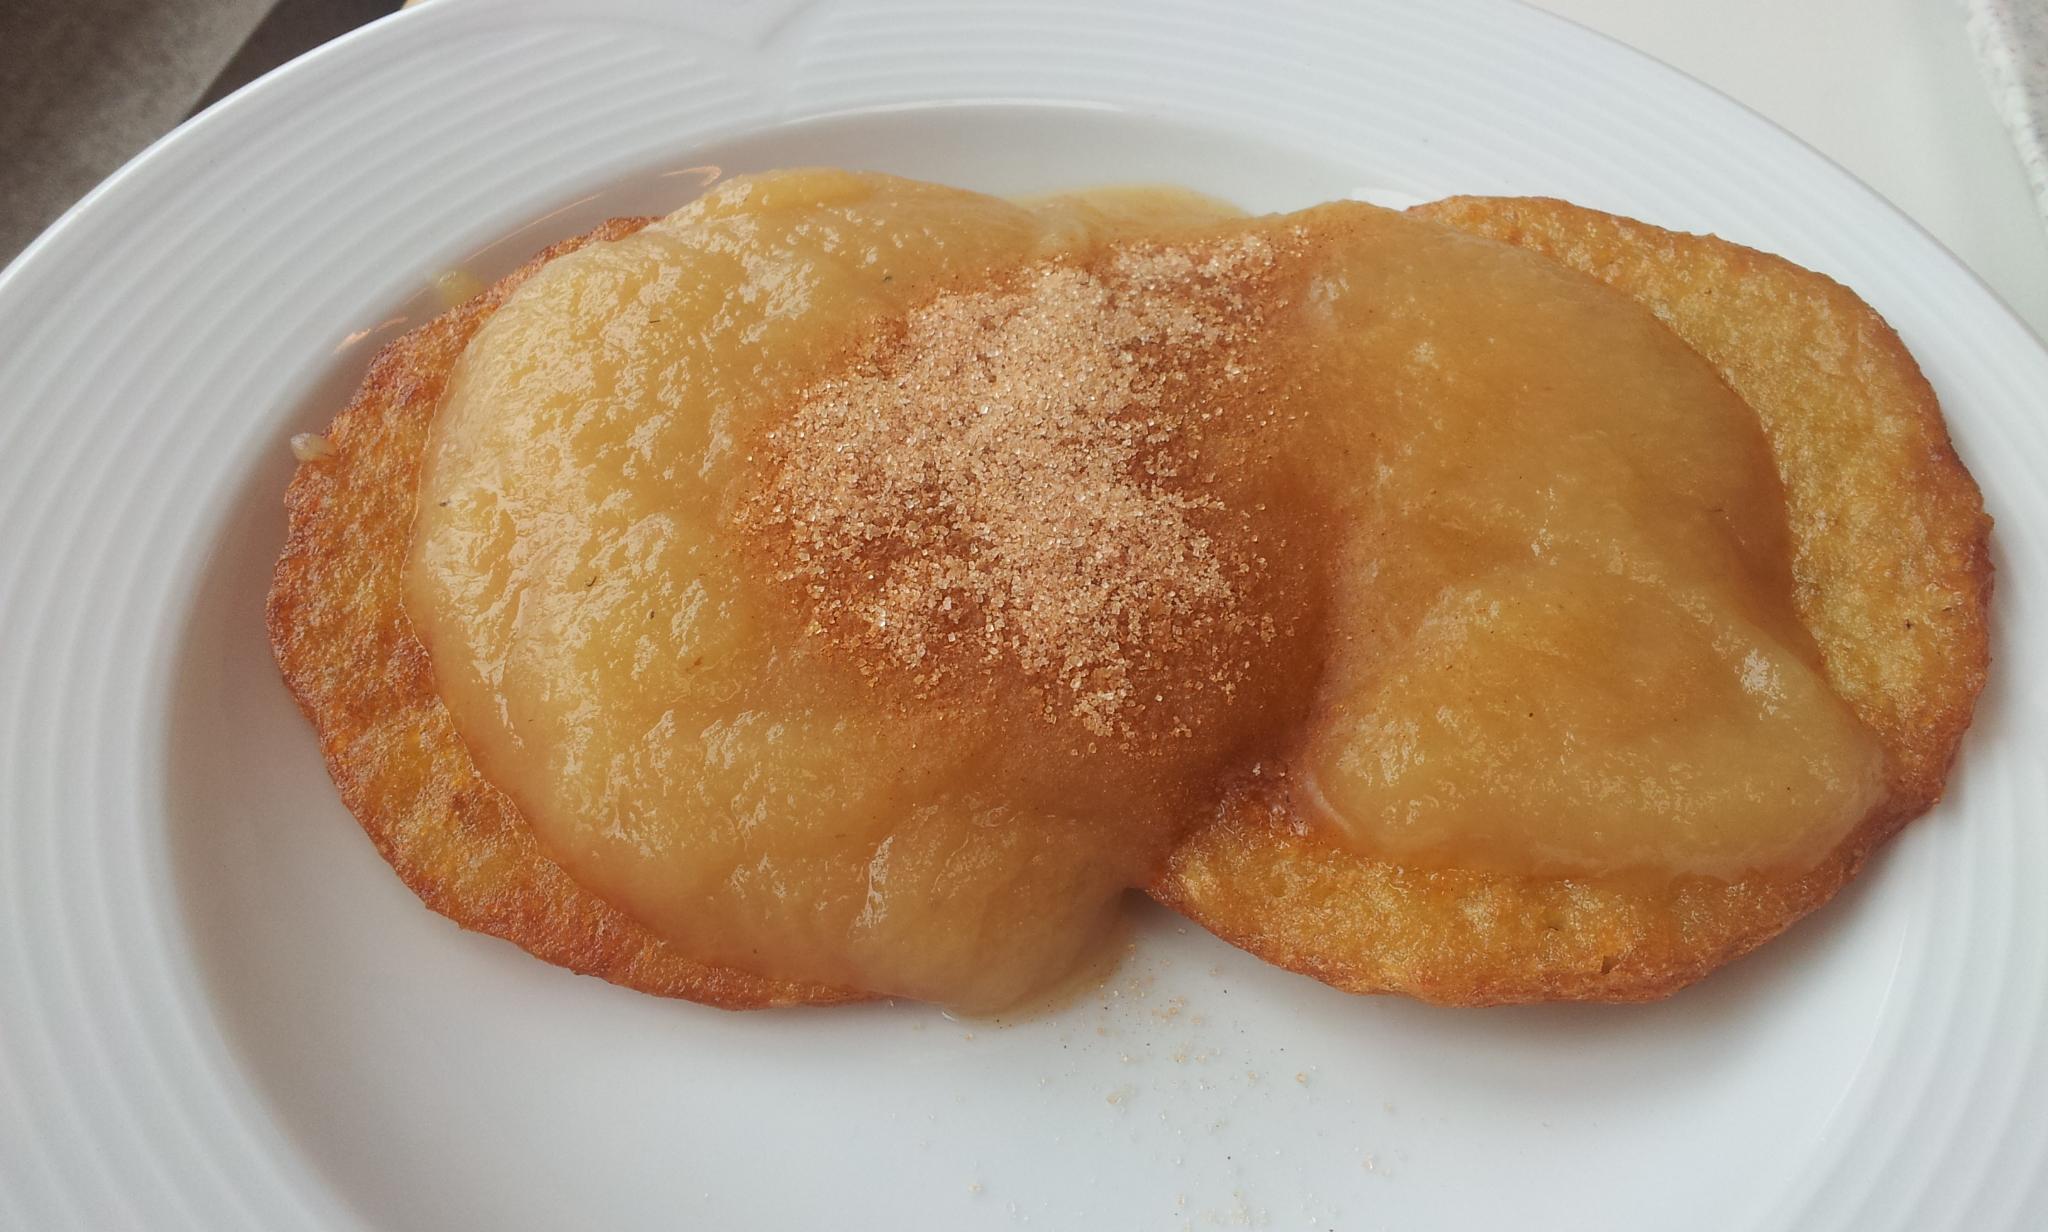 https://foodloader.net/Holz_2013-08-26_Kartoffelpuffer_mit_Apfelmus_und_Zimt.jpg